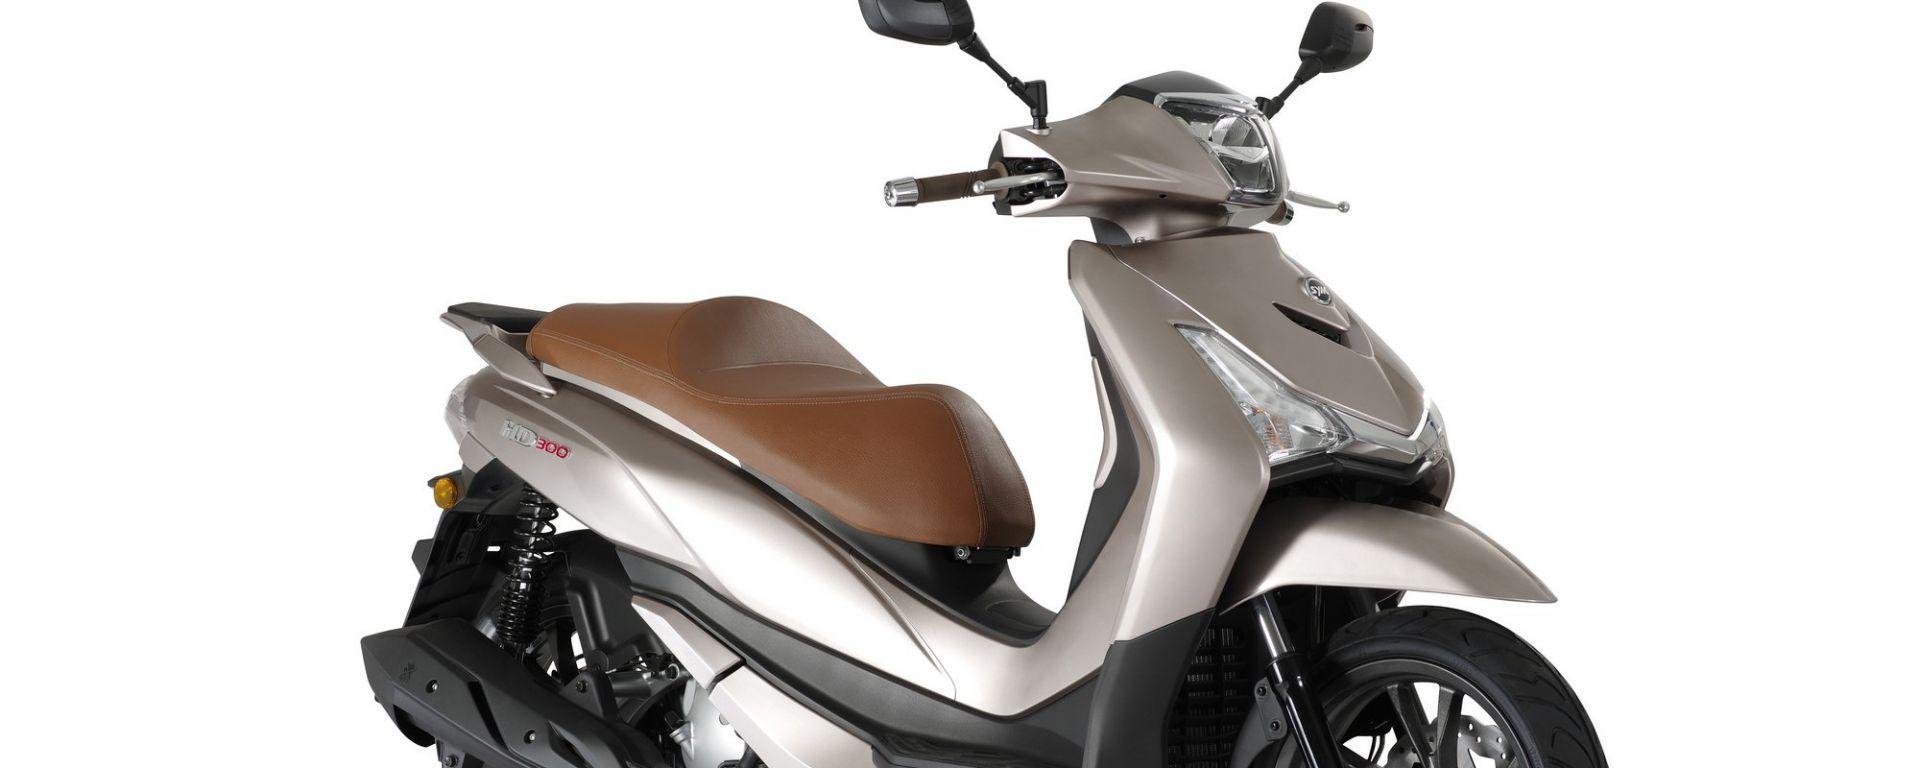 Nuovo Sym HD 300: il ruote alte a Eicma 2018  [VIDEO]